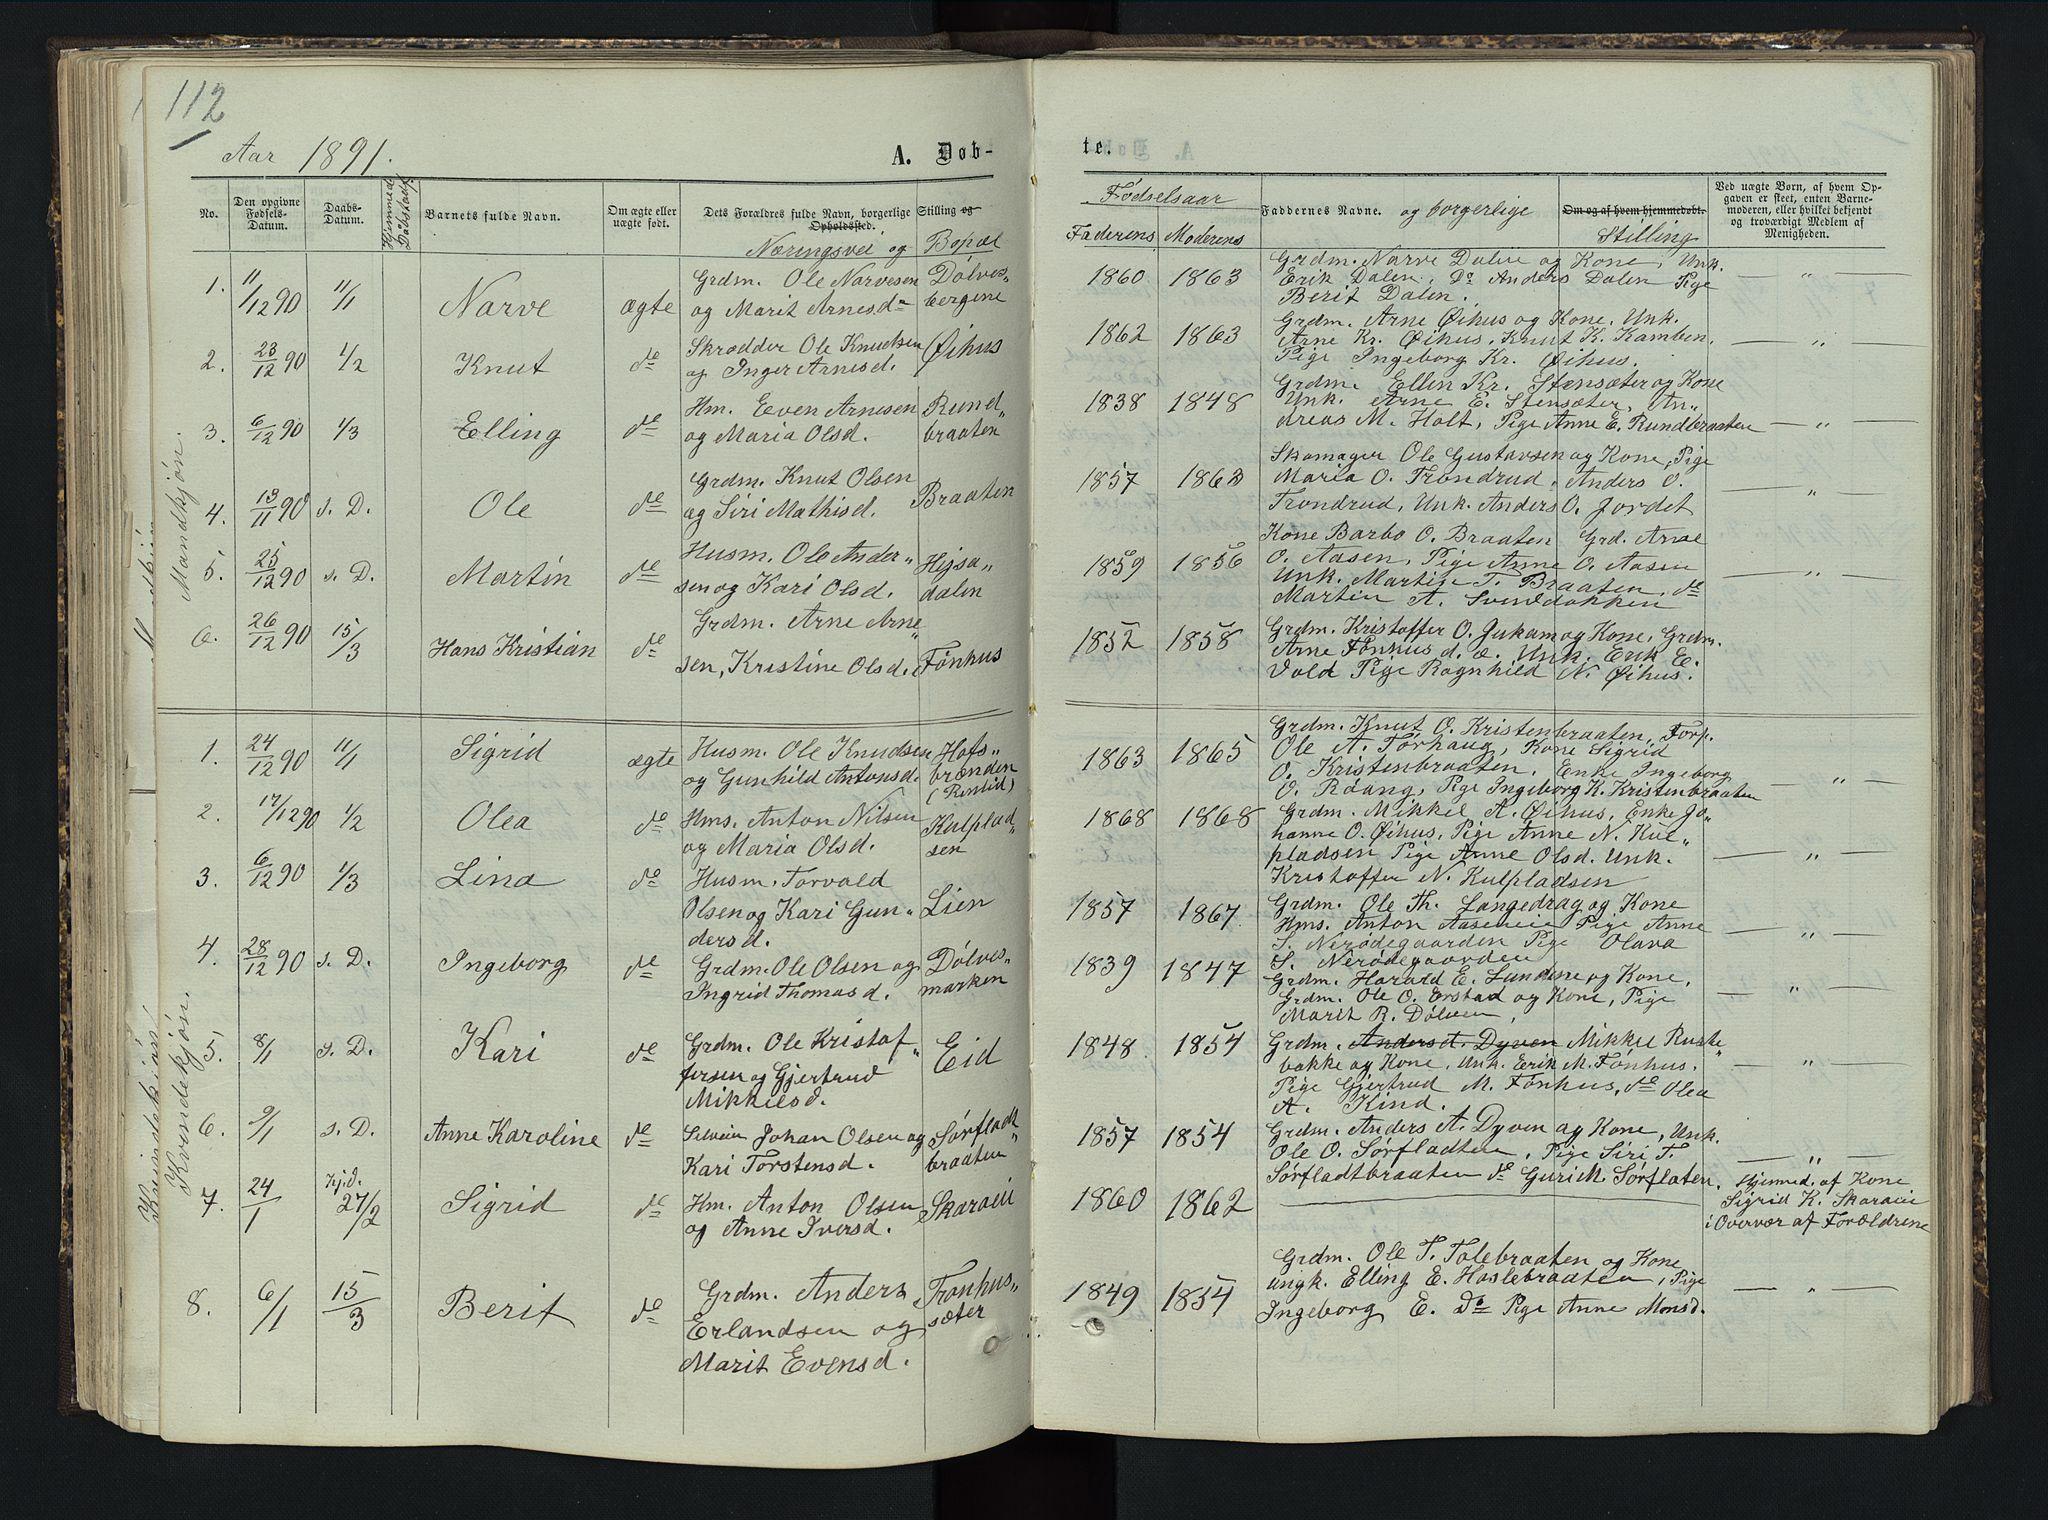 SAH, Sør-Aurdal prestekontor, Klokkerbok nr. 5, 1866-1893, s. 112